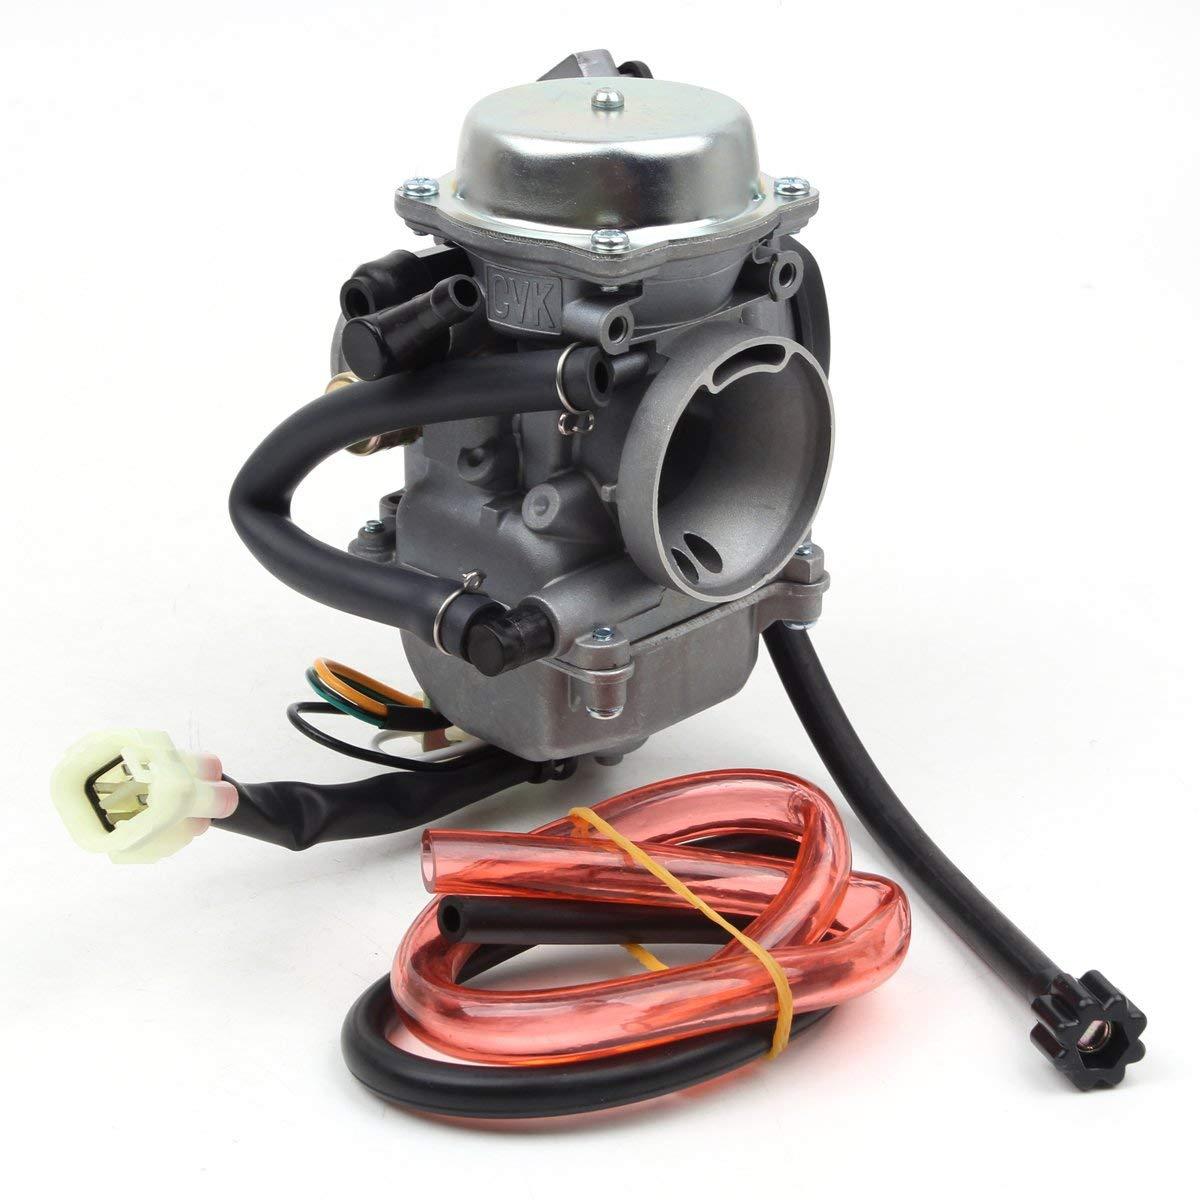 Buy Kawasaki Prairie 300 Carburetor And Get Free Shipping On Kvf300 Wiring Diagram